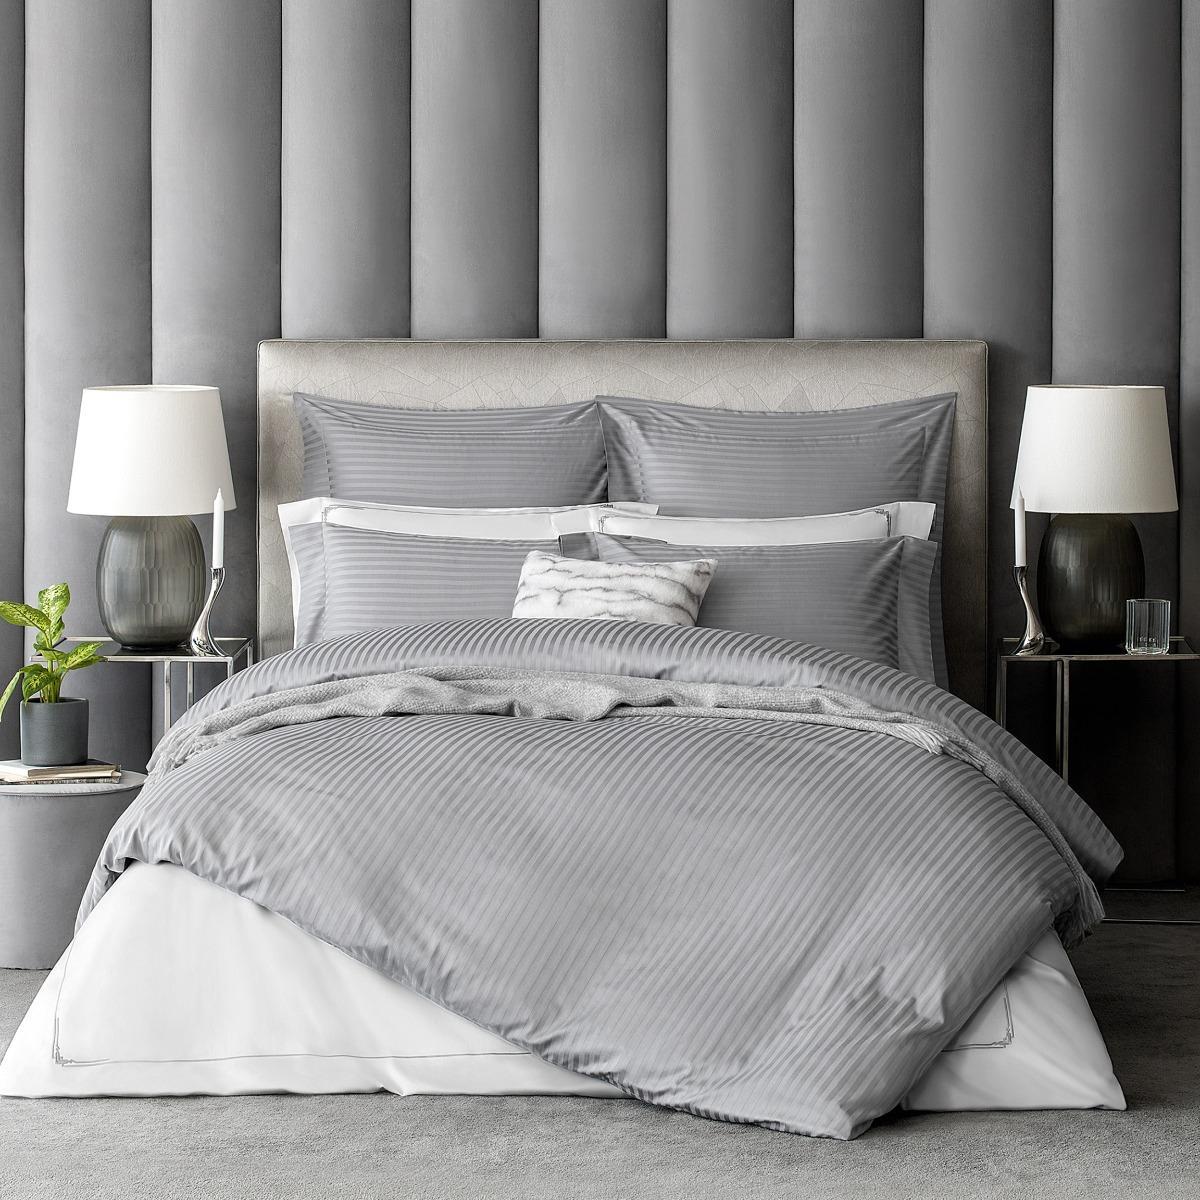 Комплект постельного белья Togas Кирос Семейный серый